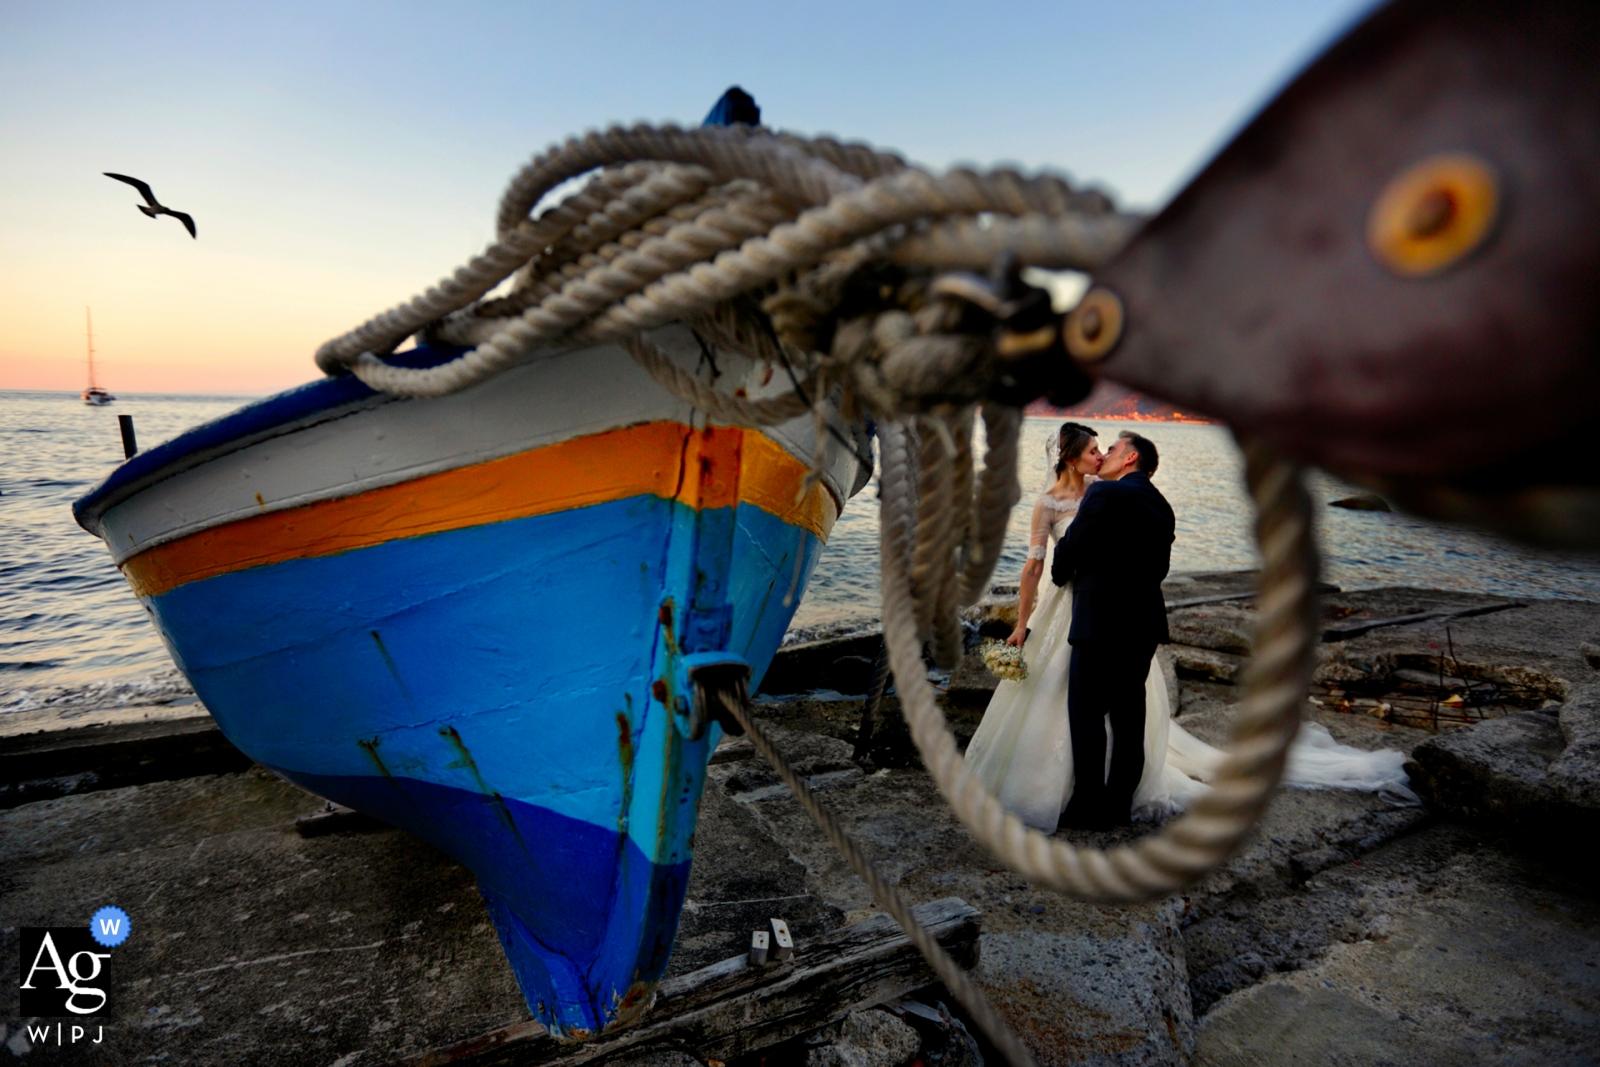 Scaro alaggio, Chianalea di Scilla, Calabria foto di nozze. Un ritratto degli sposi